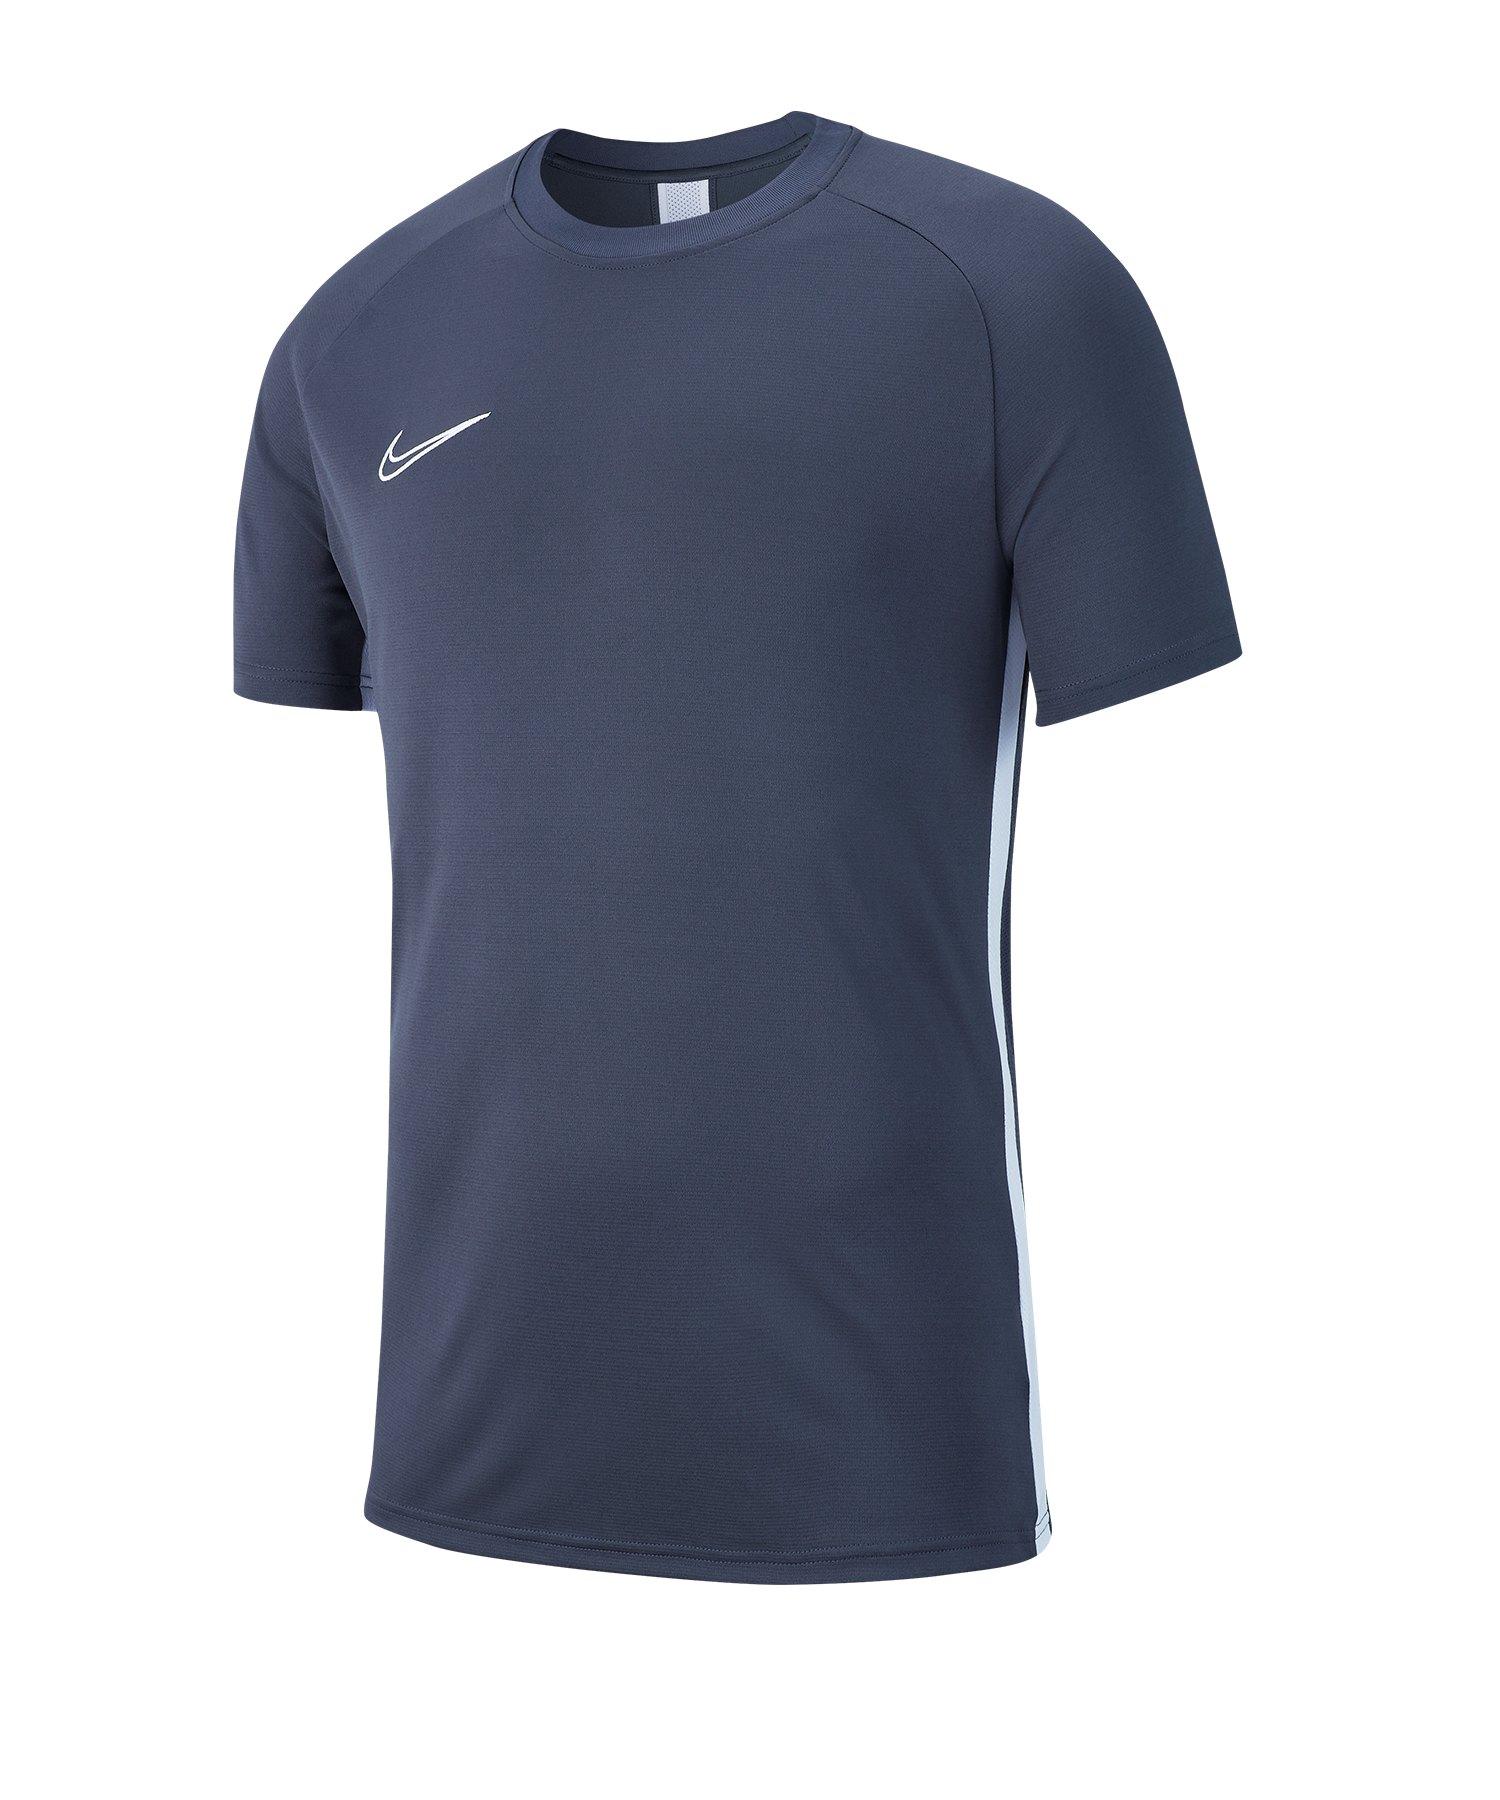 Nike Academy 19 Dri-FIT T-Shirt Kids Grau F060 - grau